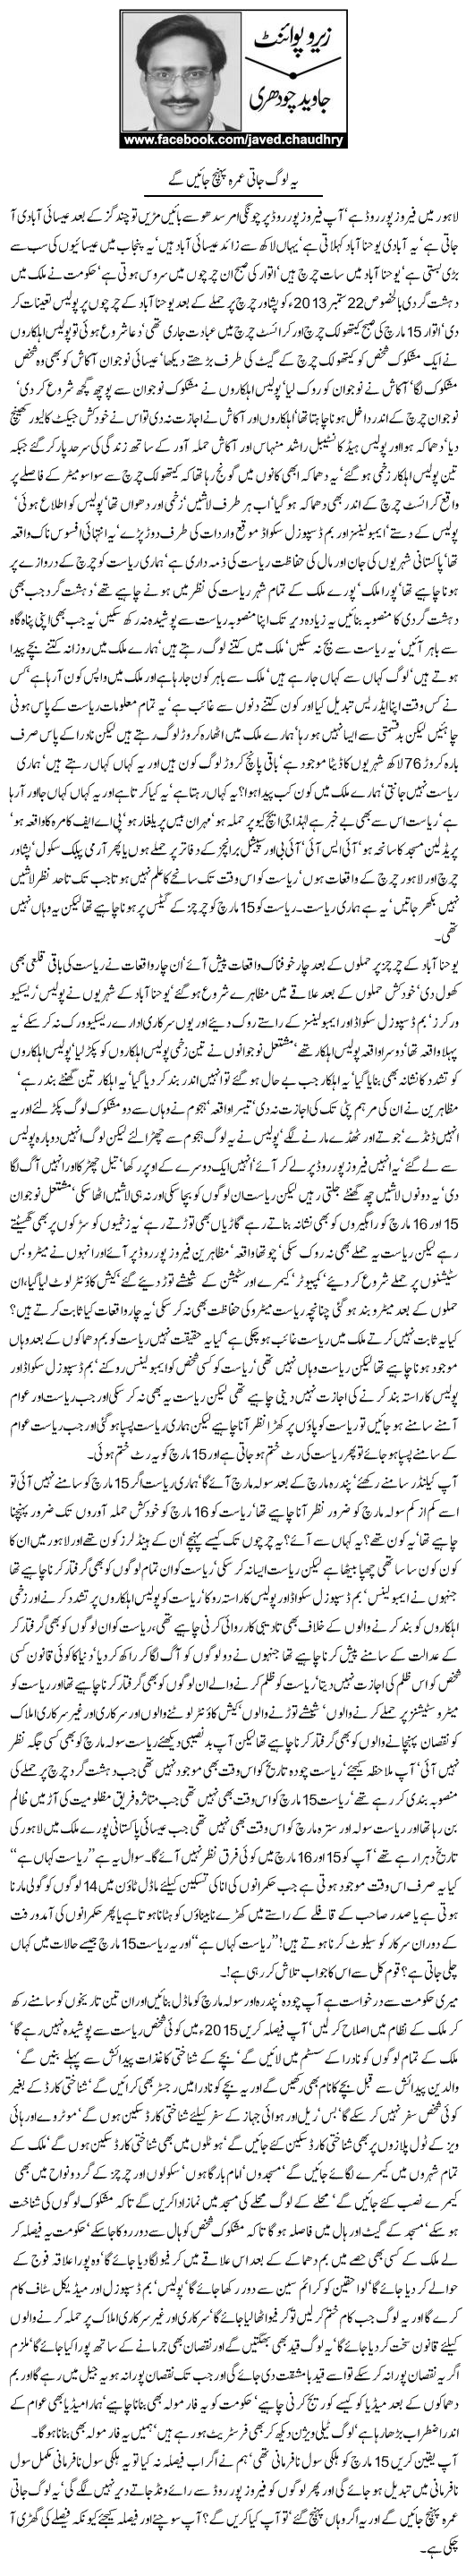 Yeh Log Jati Umrah Phonch Jaengay By Javed Chaudhry - Pakfunny